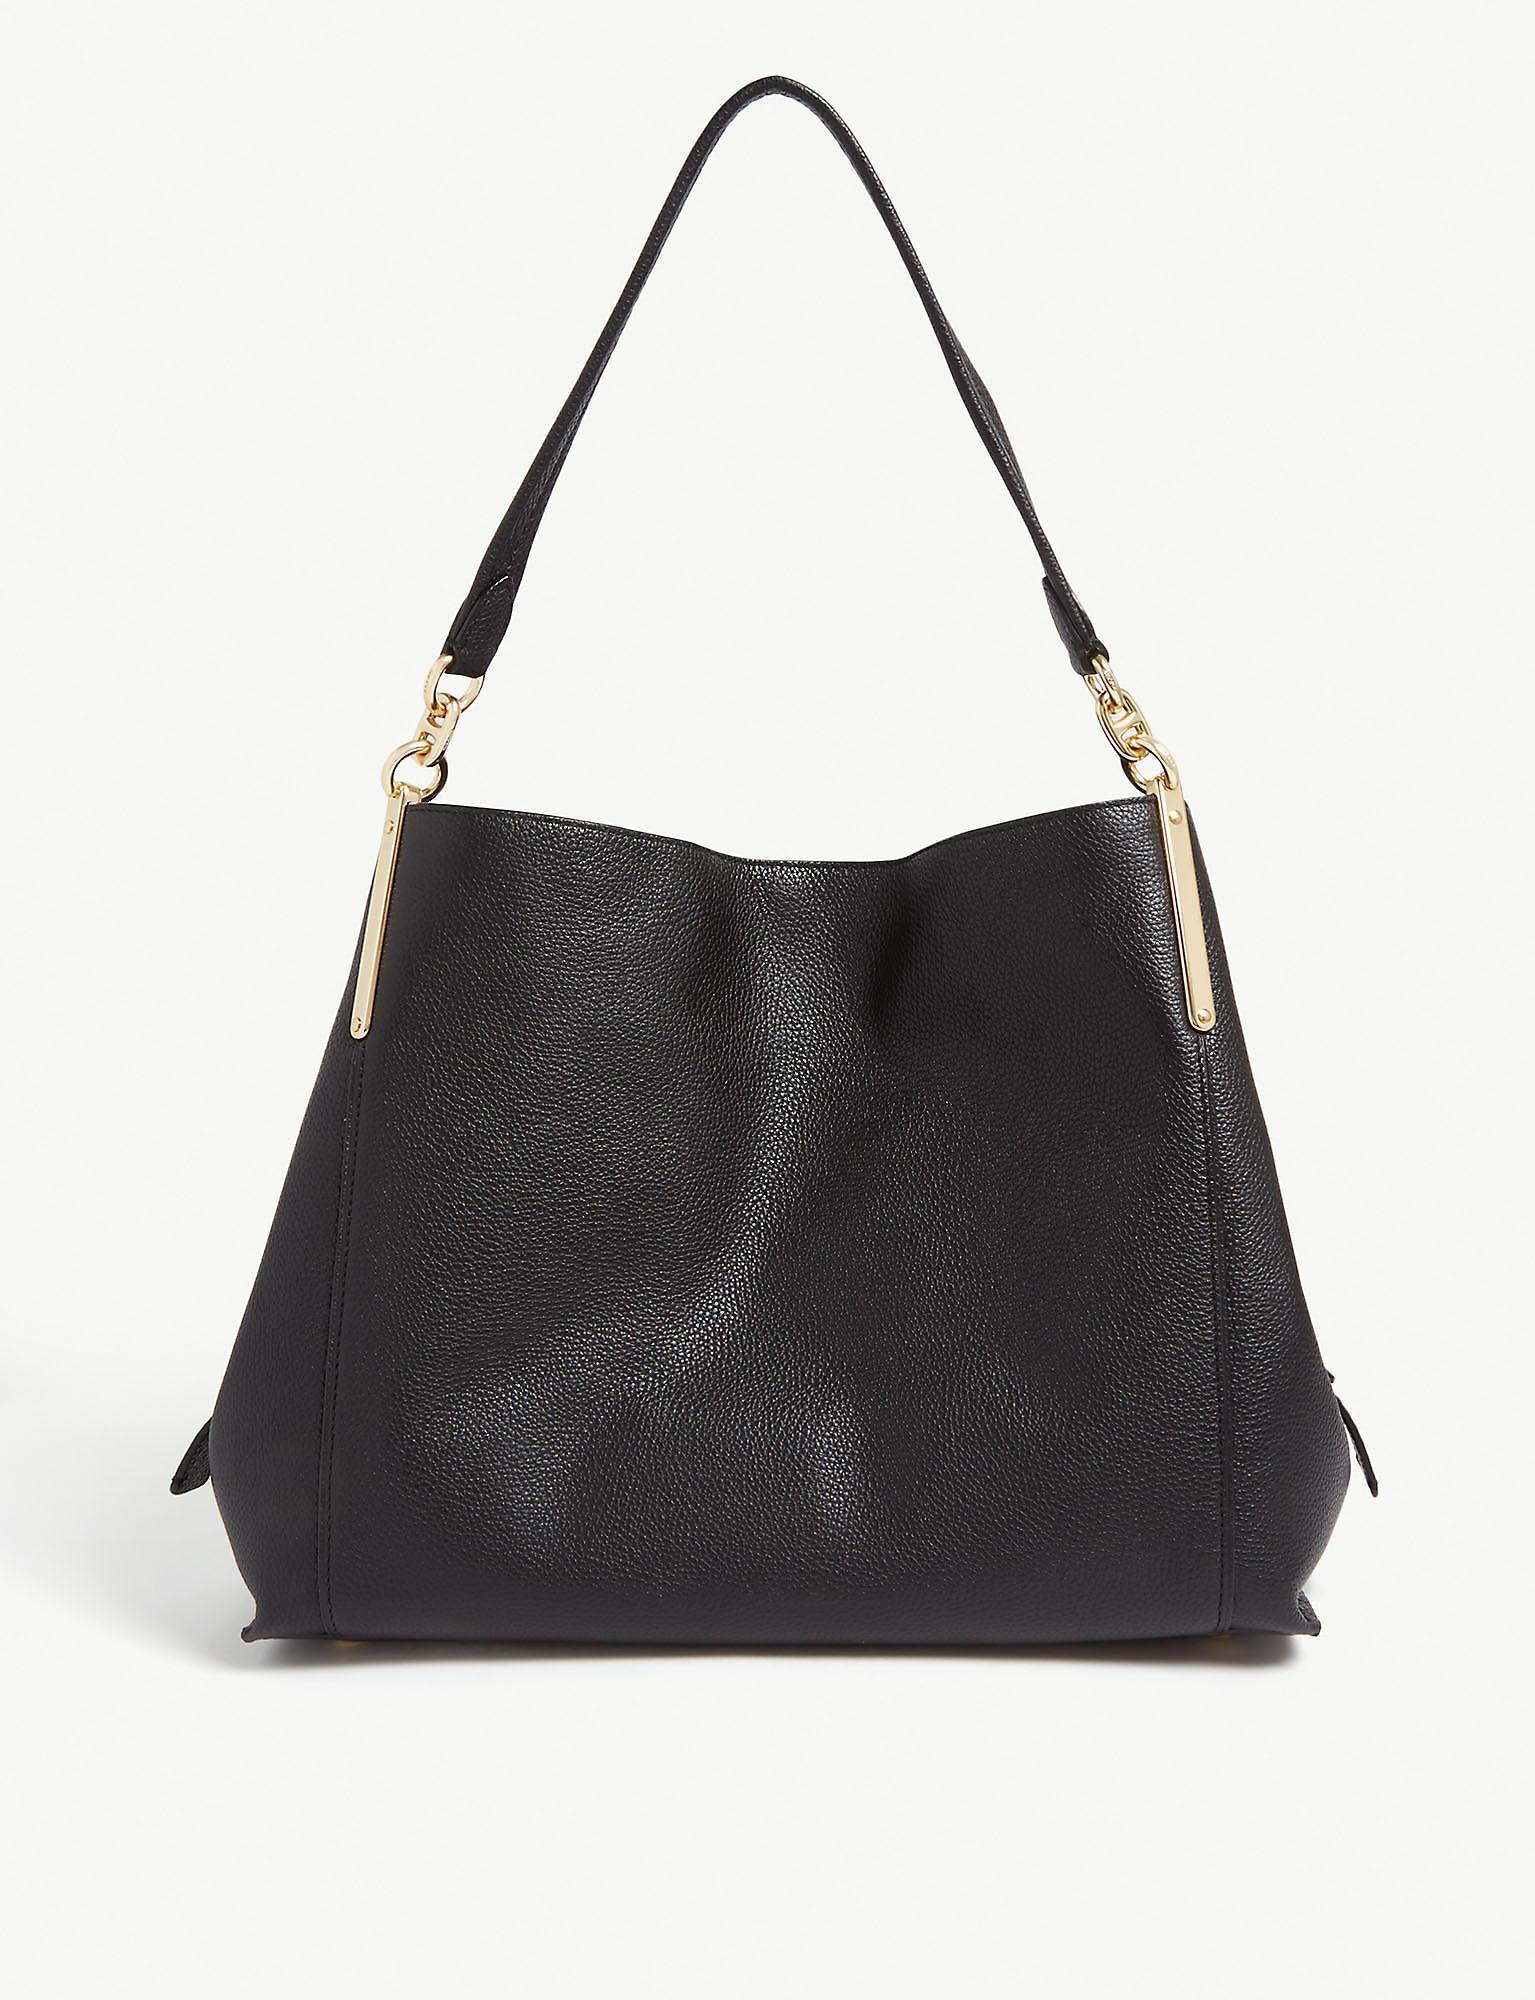 Dreamer 31 Grained Leather Hobo Bag